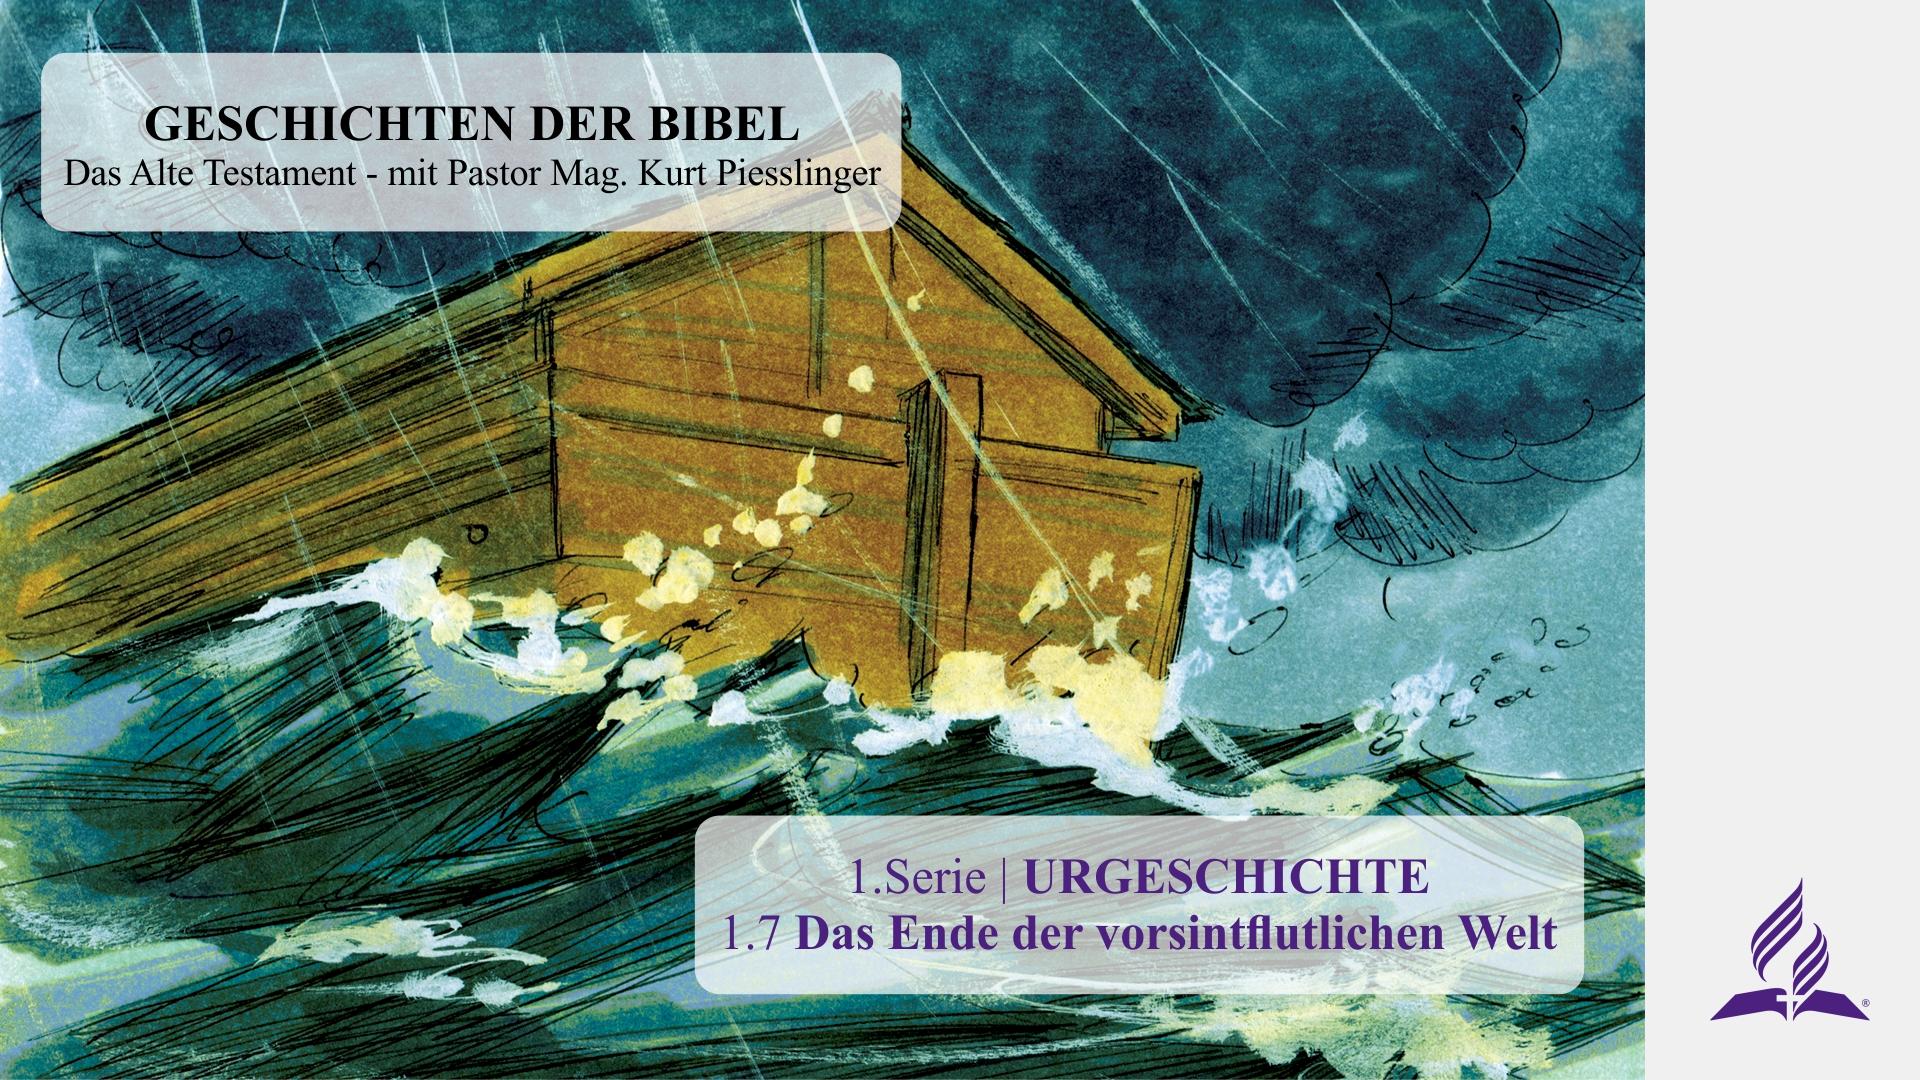 1.7 Das Ende der vorsintflutlichen Welt – URGESCHICHTE | Pastor Mag. Kurt Piesslinger